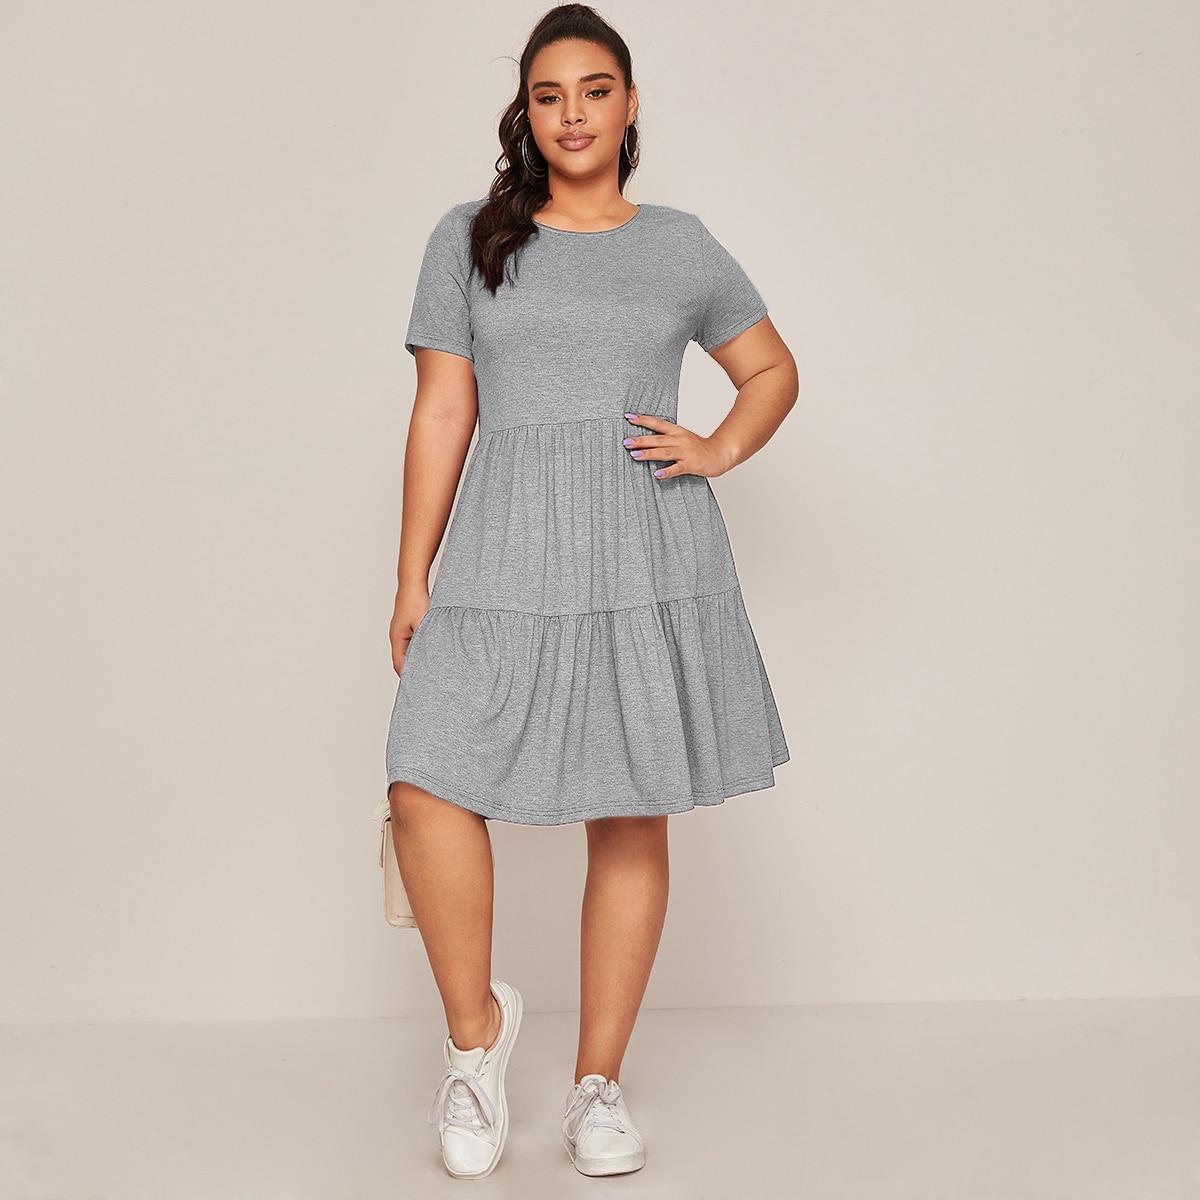 Модное платье размера плюс фото